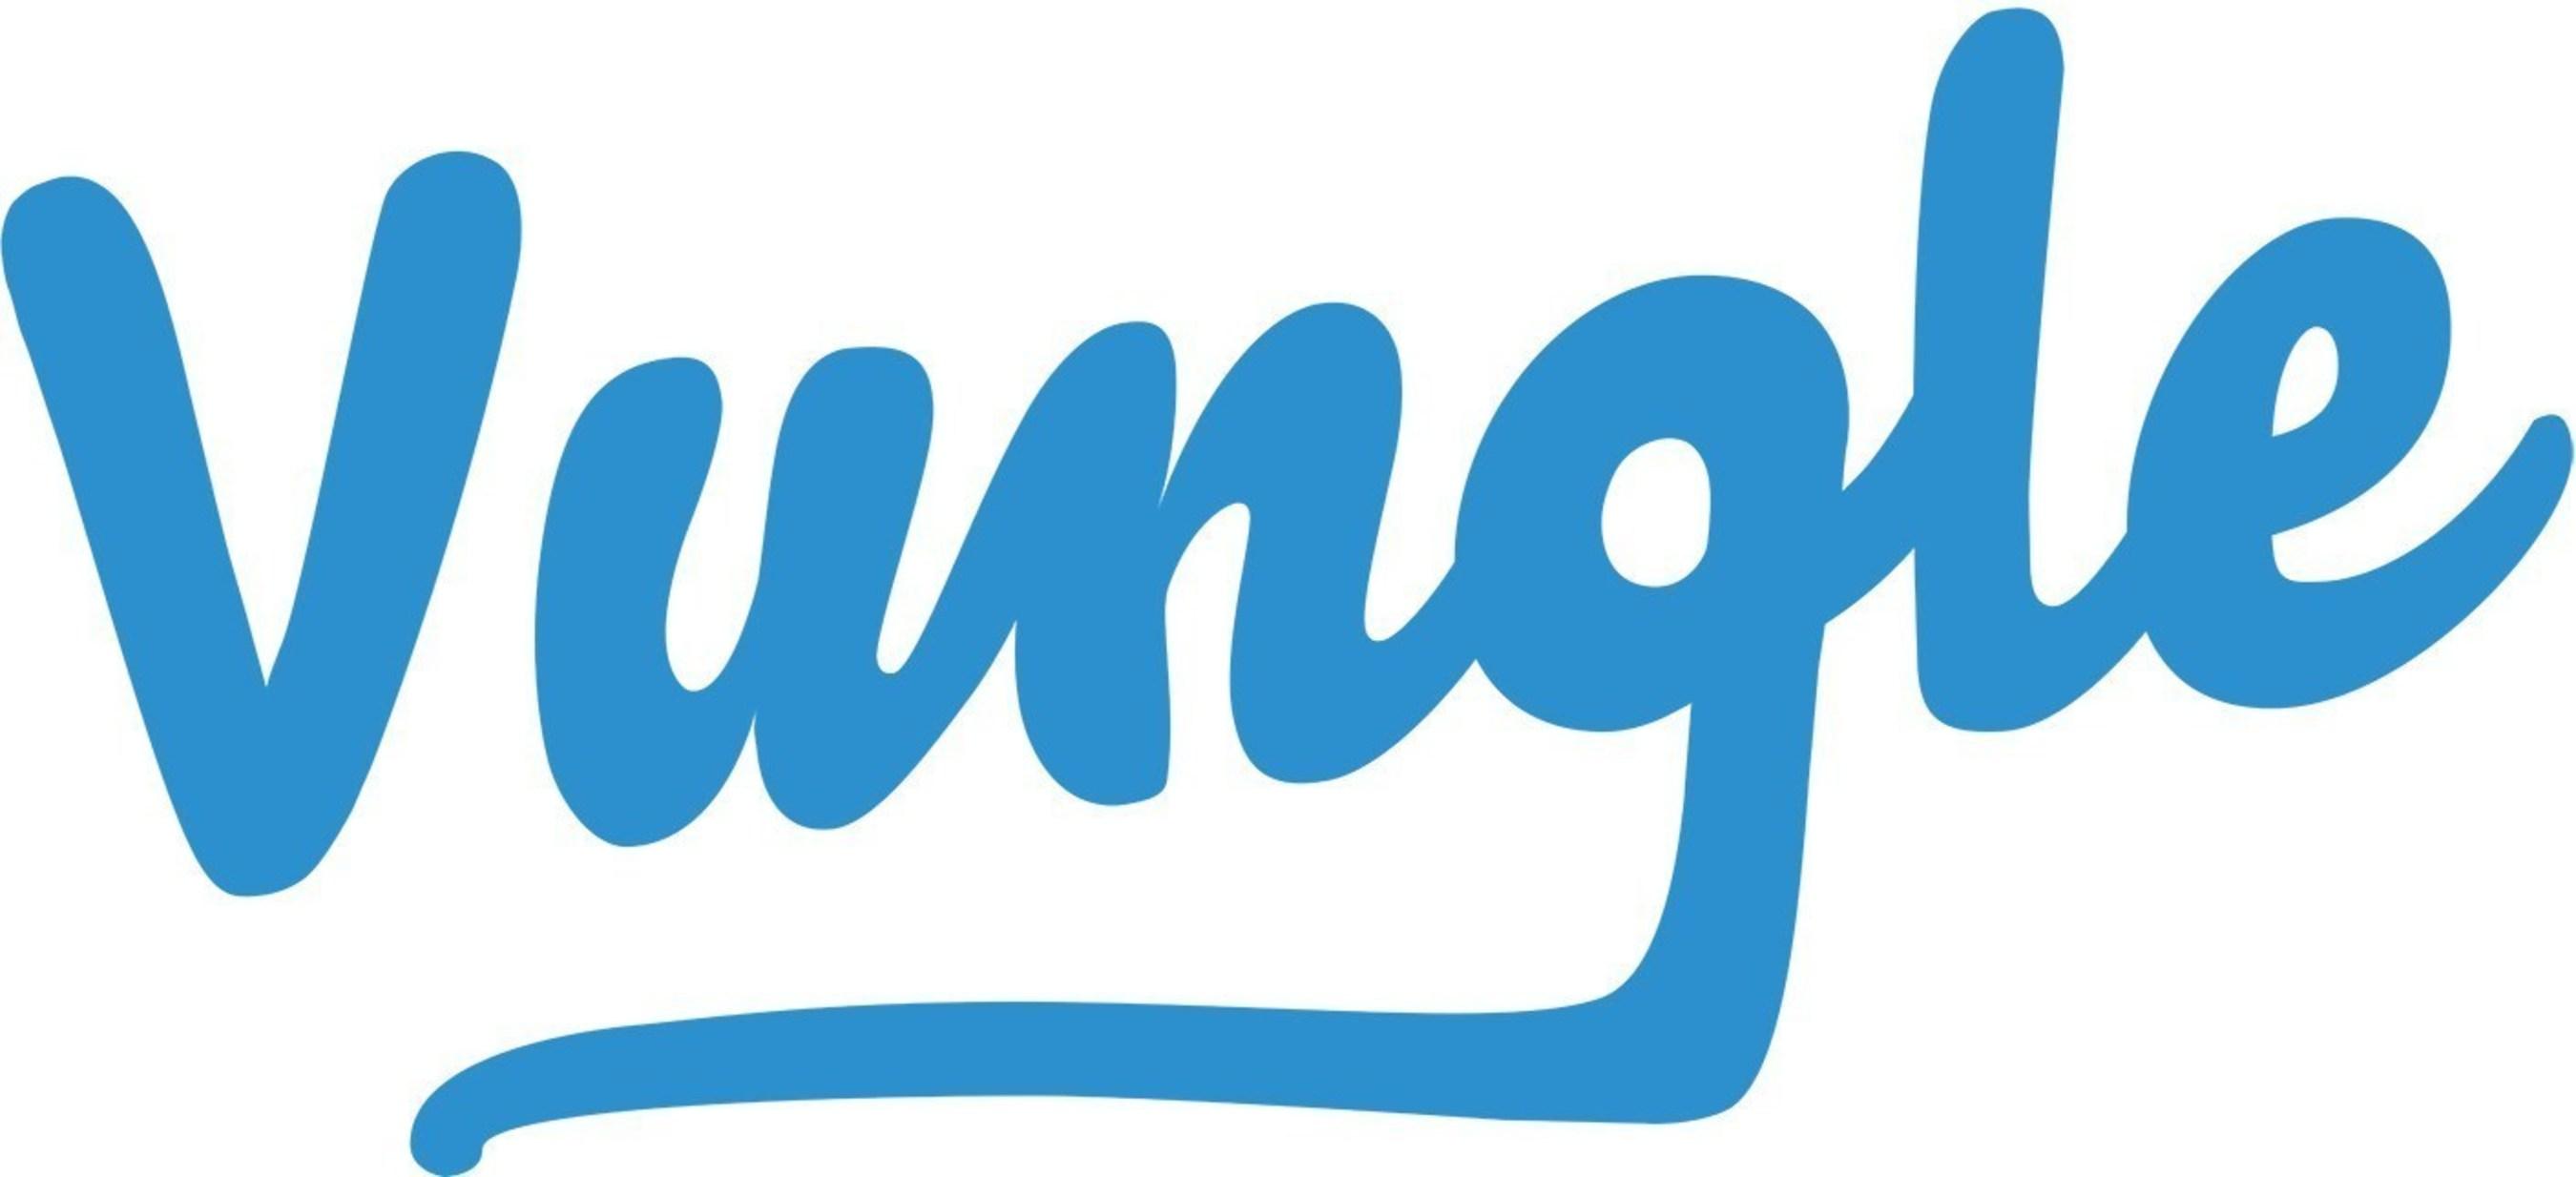 www.vungle.com